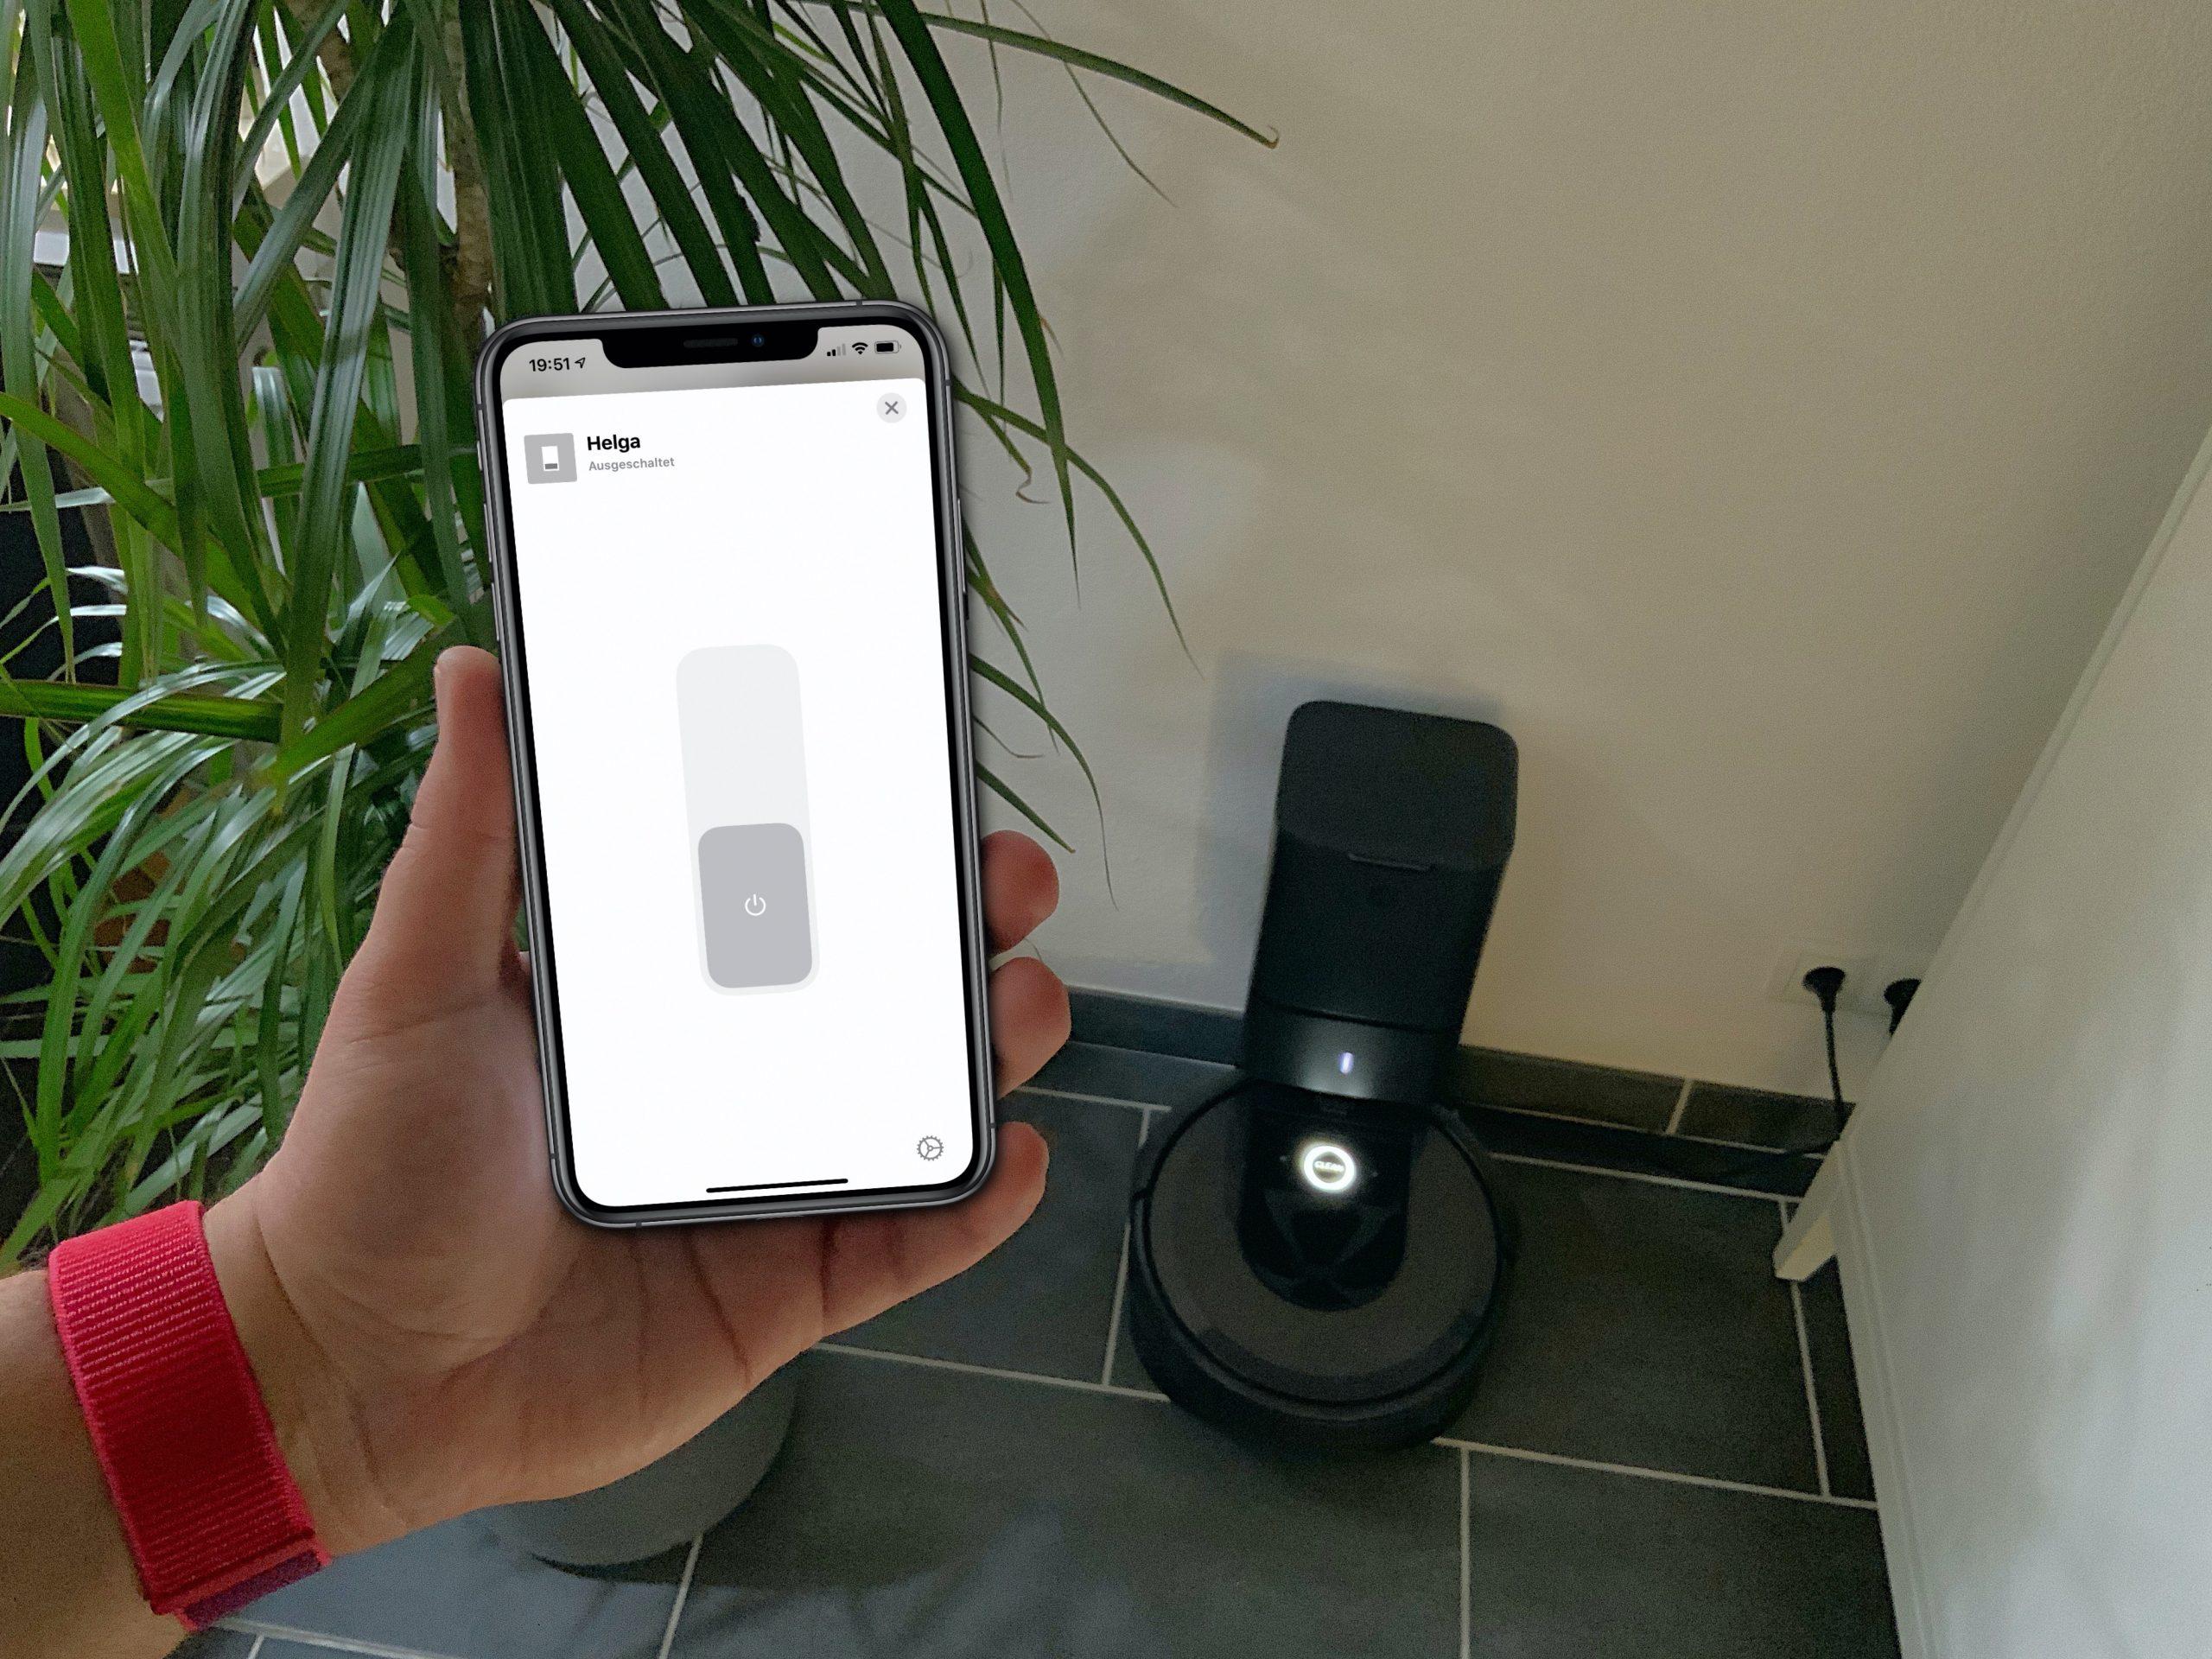 Anleitung-Wie-du-einen-iRobot-Roomba-in-Apple-HomeKit-nutzen-kannst5-scaled Anleitung: Wie du einen iRobot Roomba in Apple HomeKit nutzen kannst